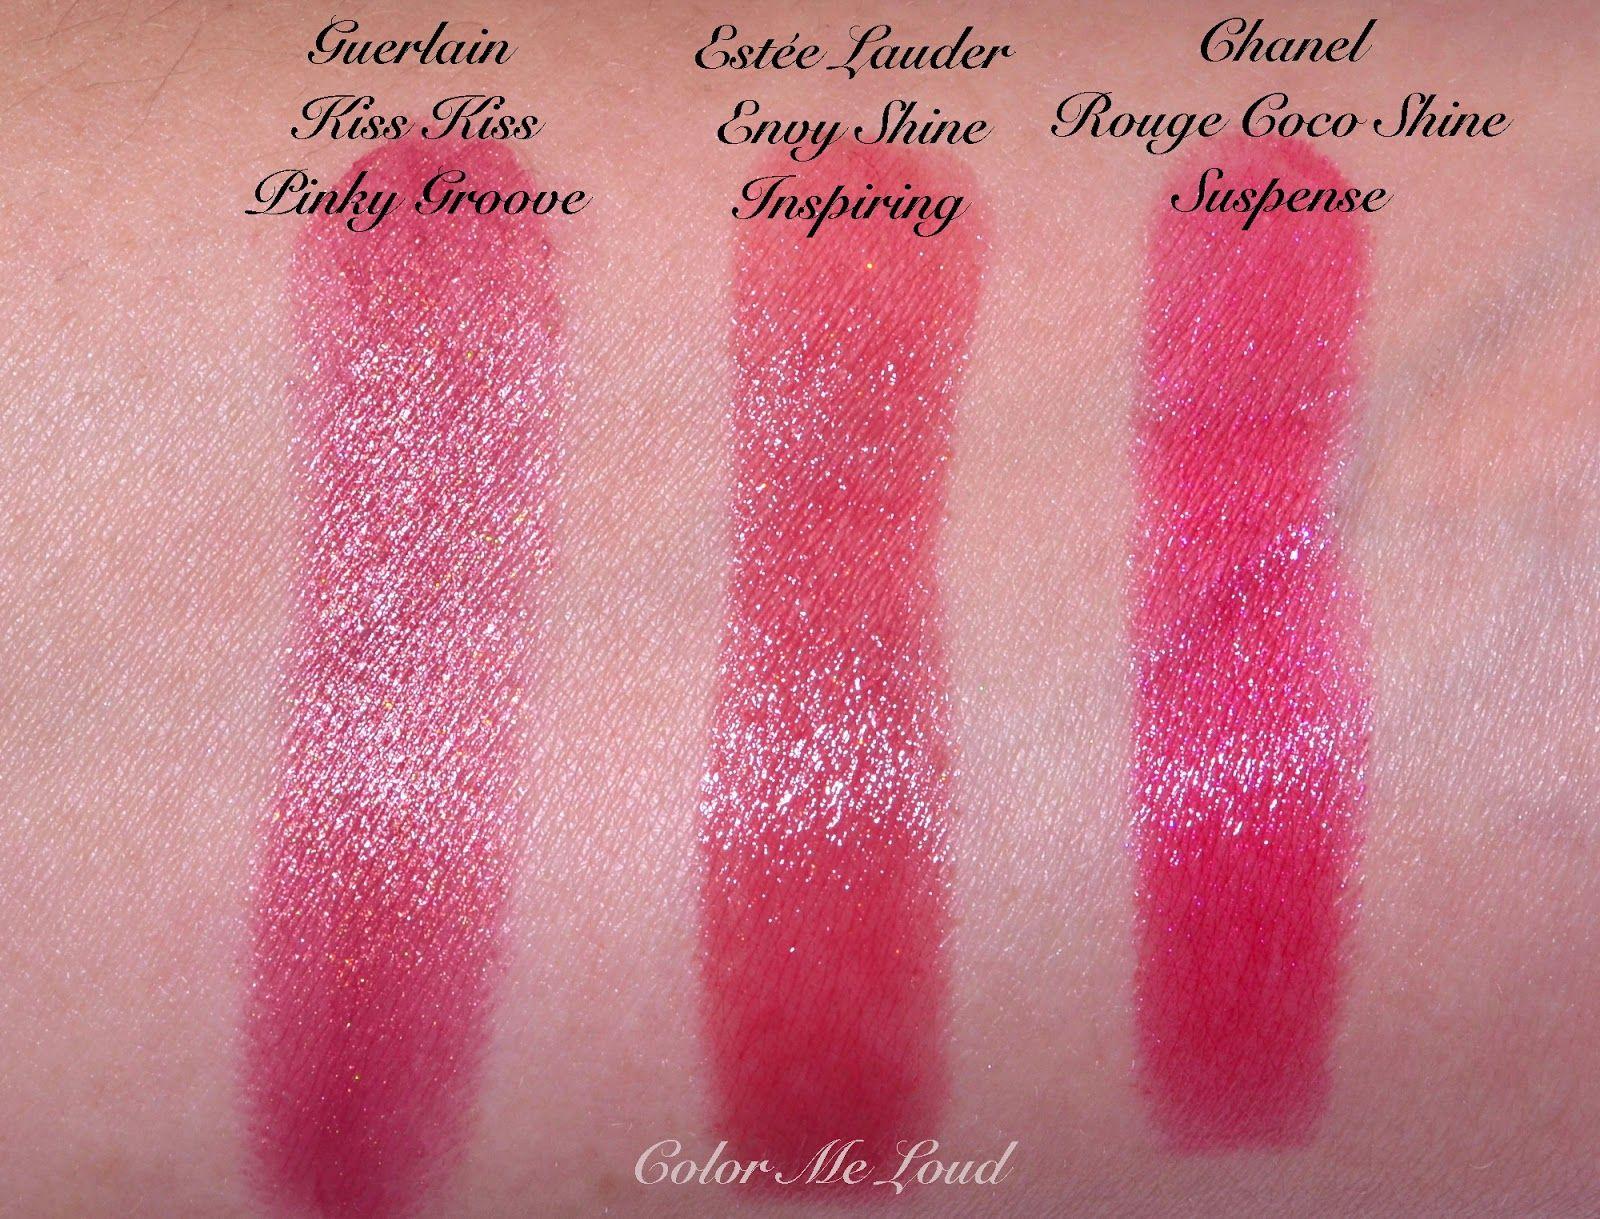 Pure Color Envy Blooming Lip Balm by Estée Lauder #9